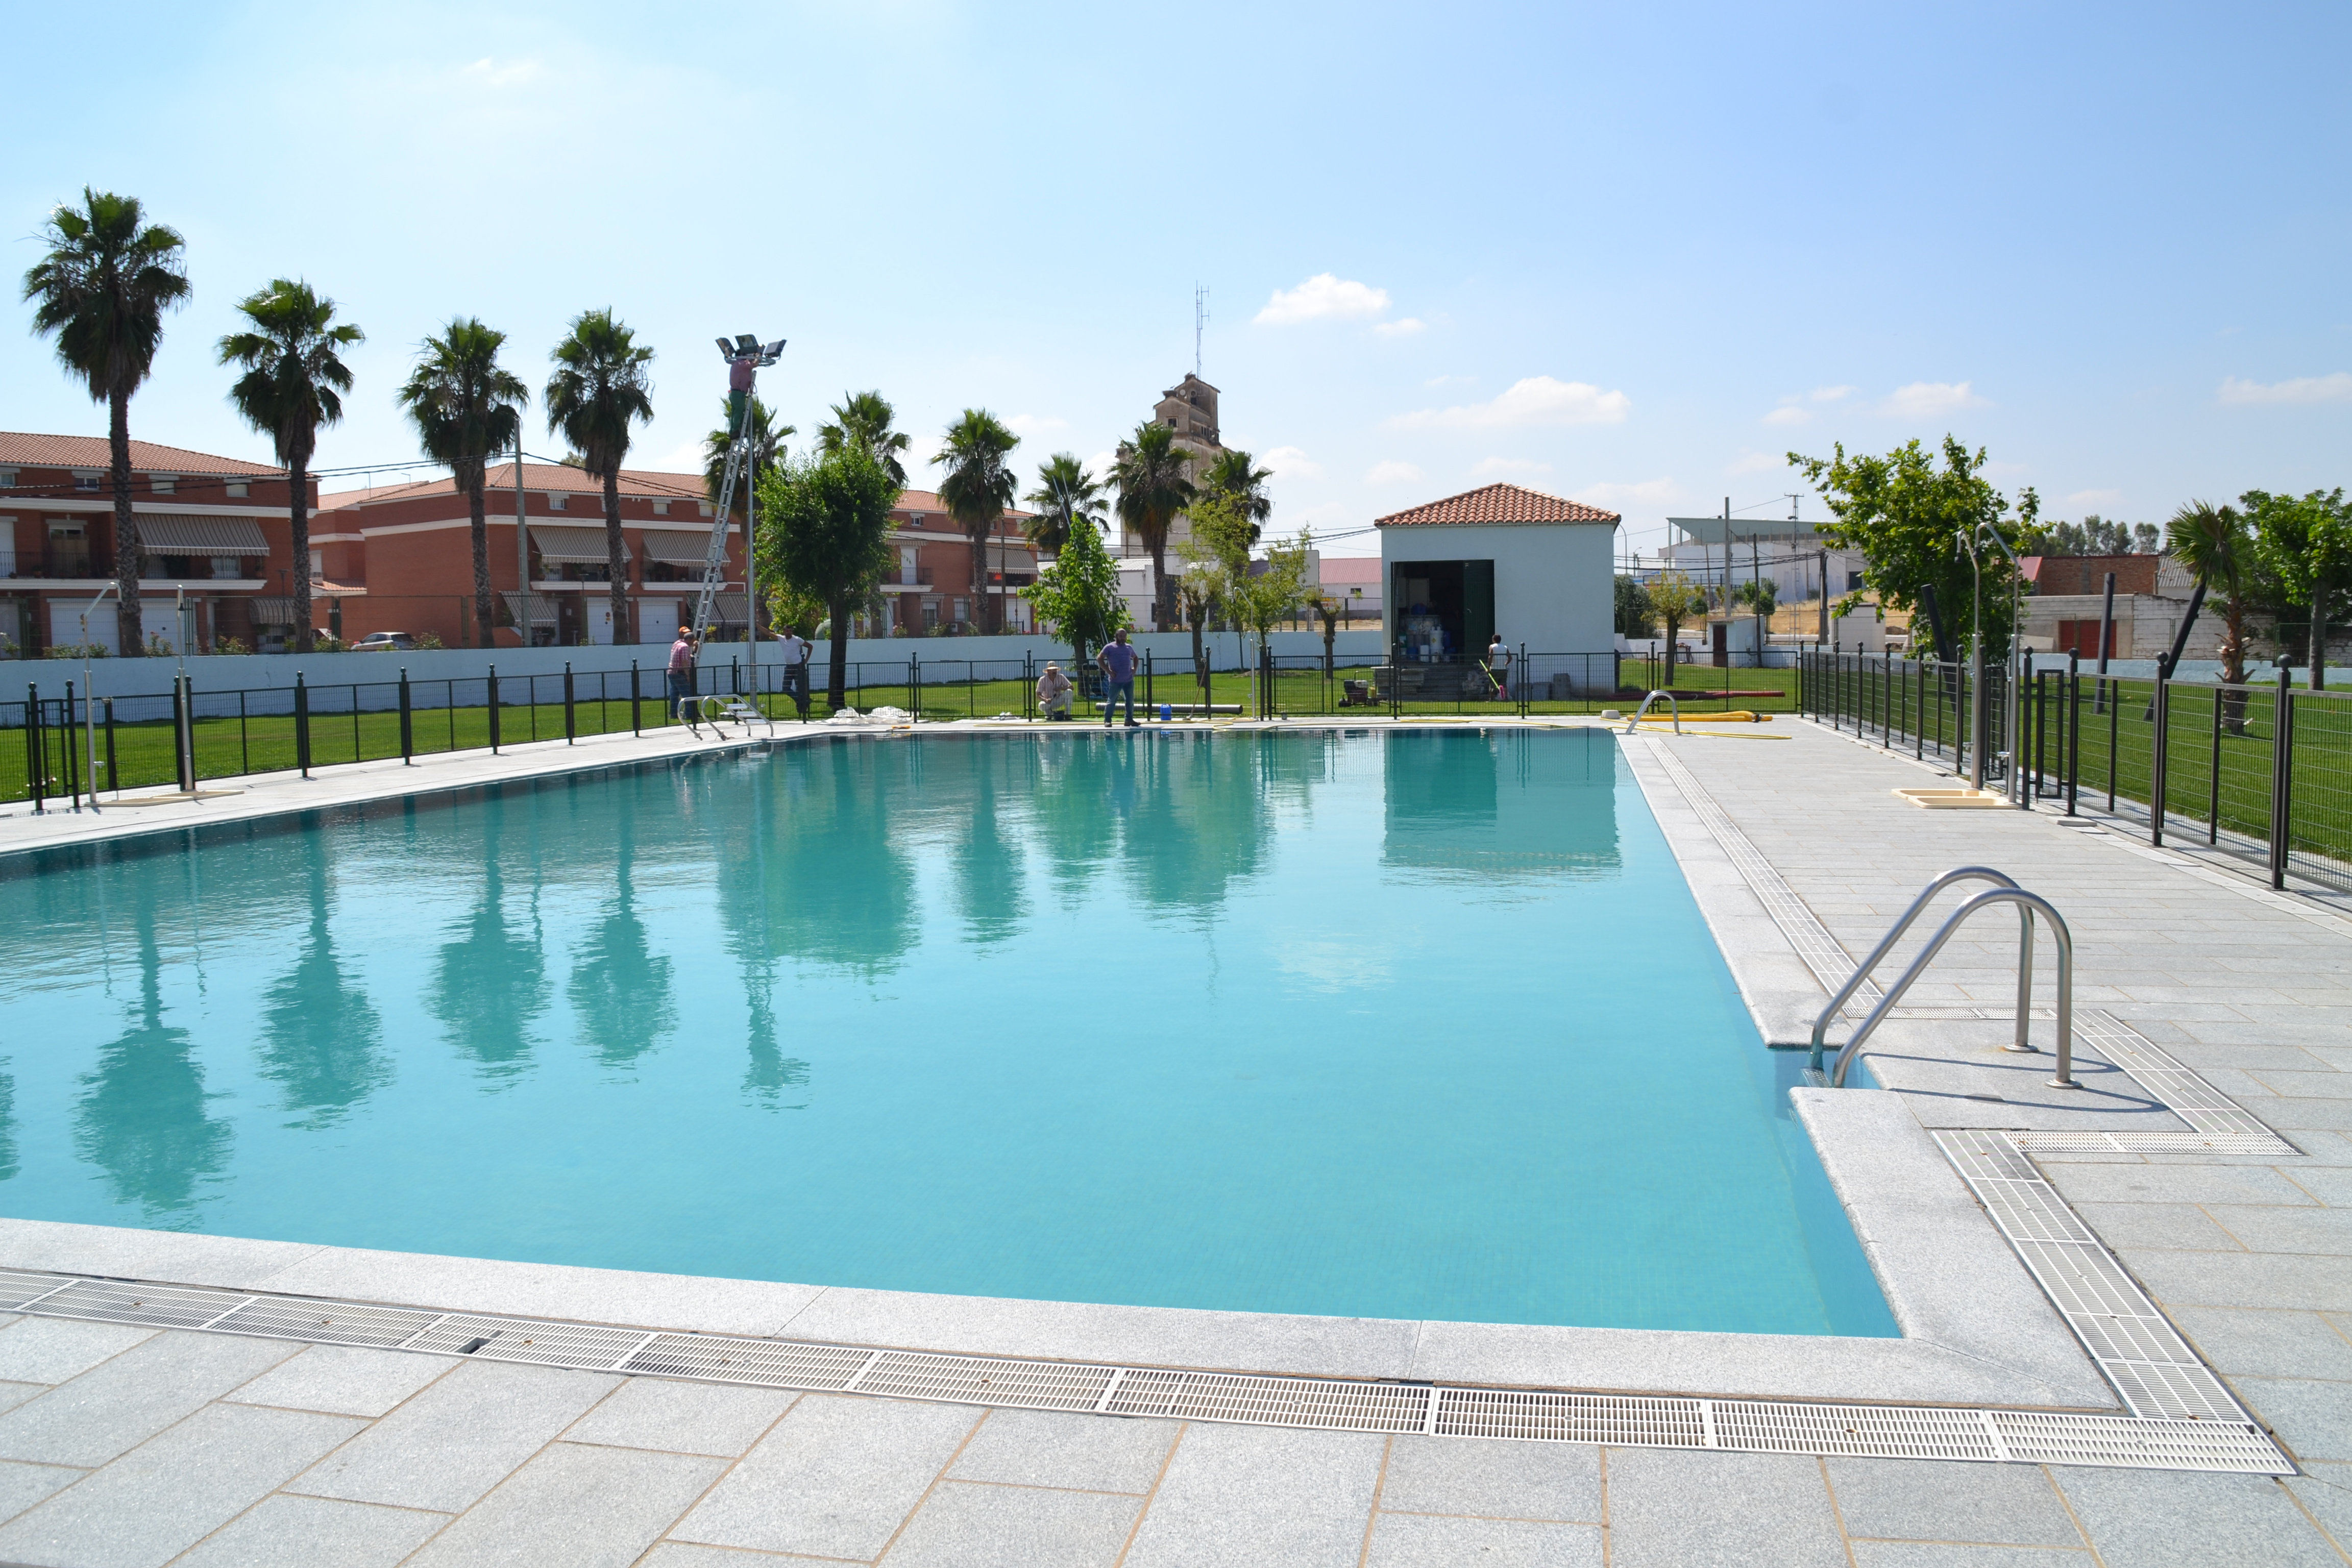 La temporada de ba o en la piscina municipal se abre este for Piscina municipal caceres